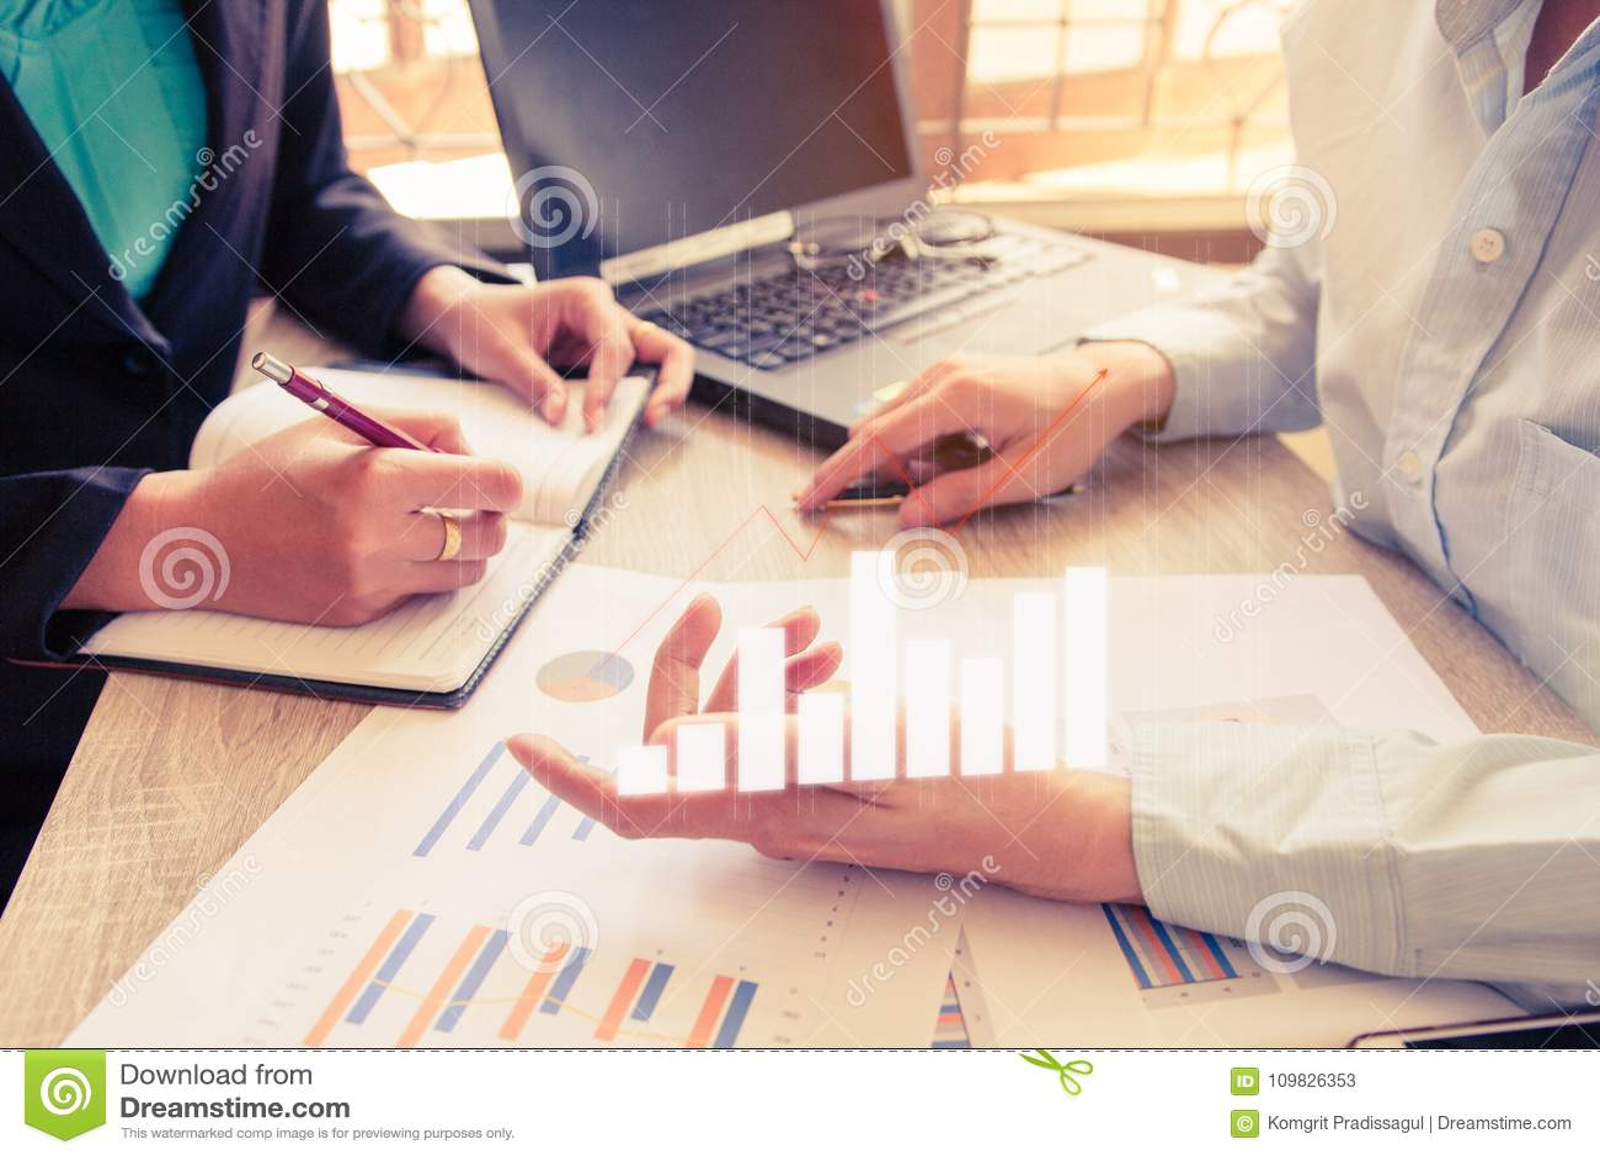 年轻帐户经理乘员组工作和谈论计划财政图表数据在办公室